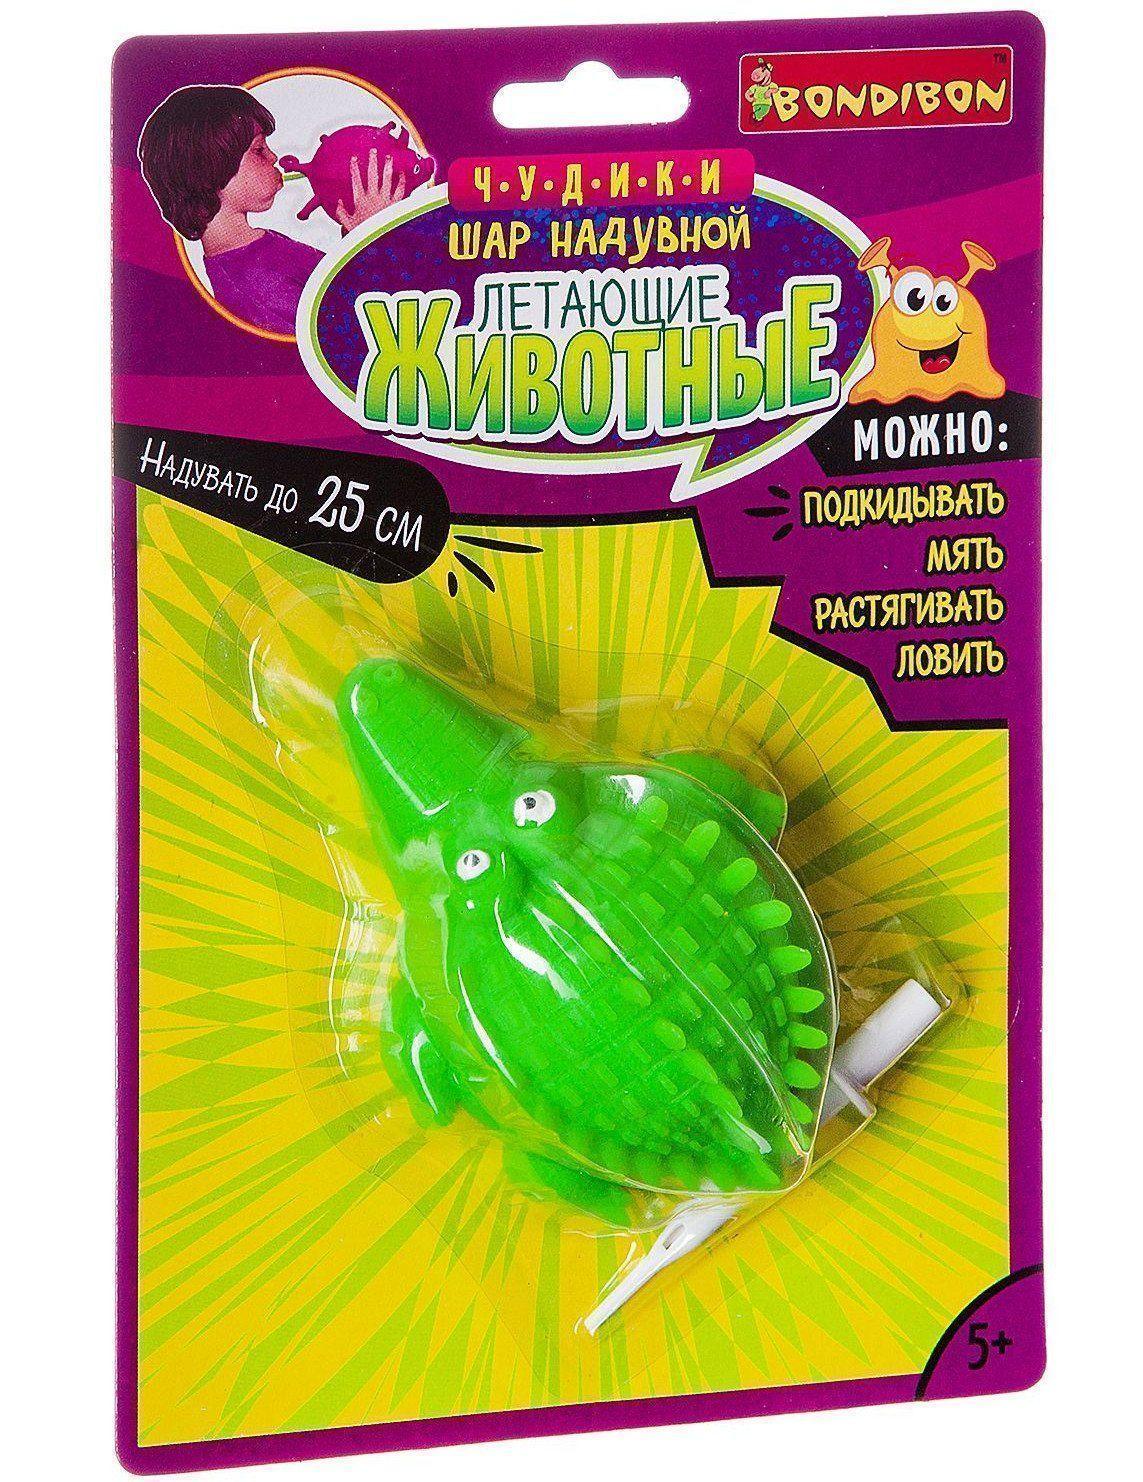 Шар надувной Летающие звери. КрокодилИгры и игрушки<br>Надувной шар в виде морского животного - прекрасное развлечение для детей. Его можно подкидывать, ловить, мять, растягивать, играть в вышибалы и не бояться получить ушибы и травмы. Легко накачать при помощи специального приспособления, входящего в комплек...<br><br>Год: 2017<br>Высота: 225<br>Ширина: 150<br>Толщина: 70